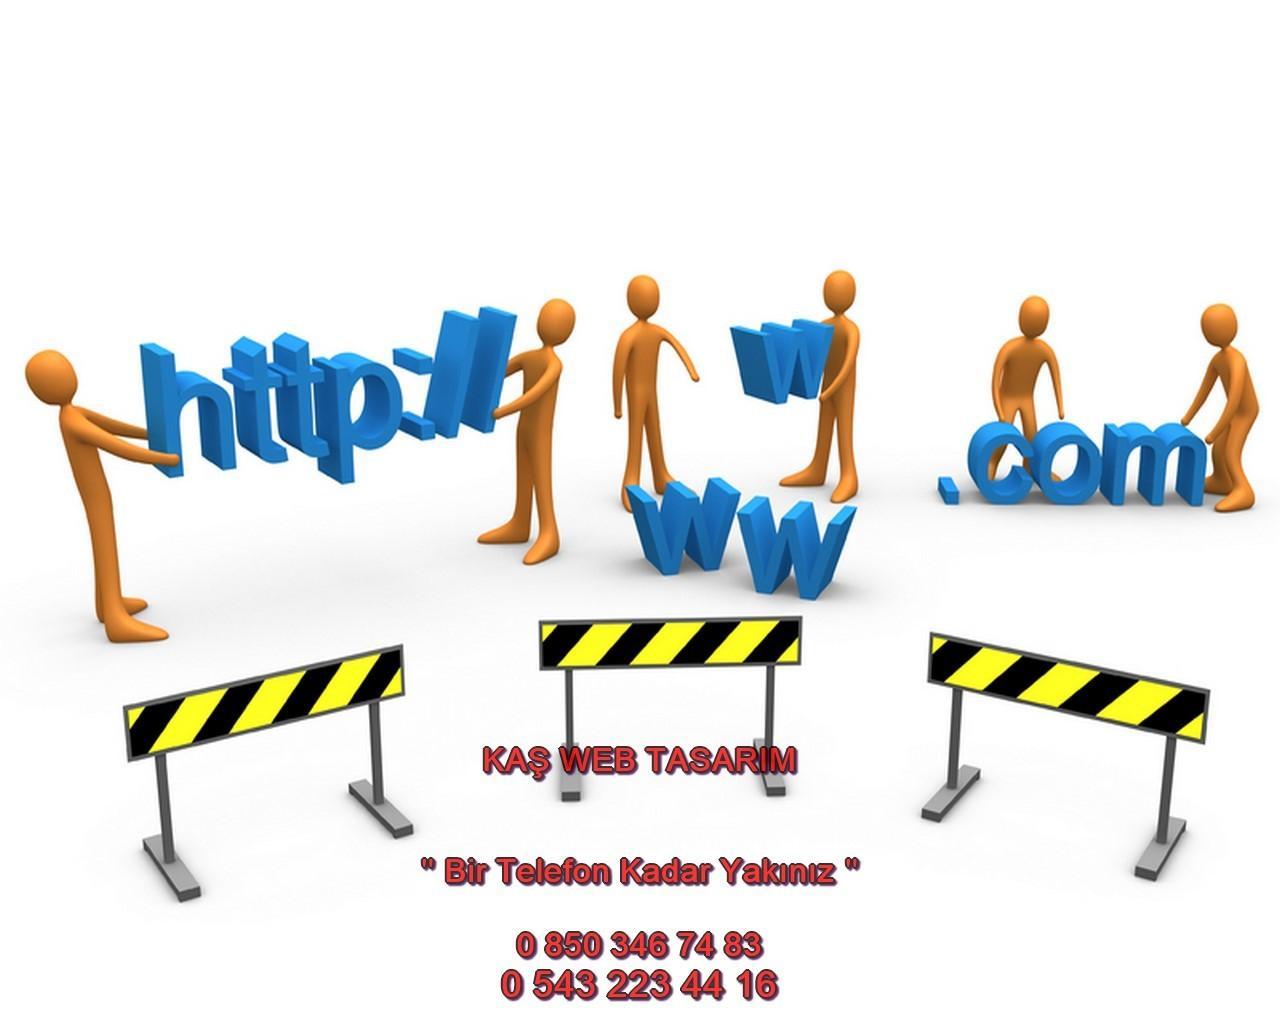 Gündoğmuş Web Tasarım